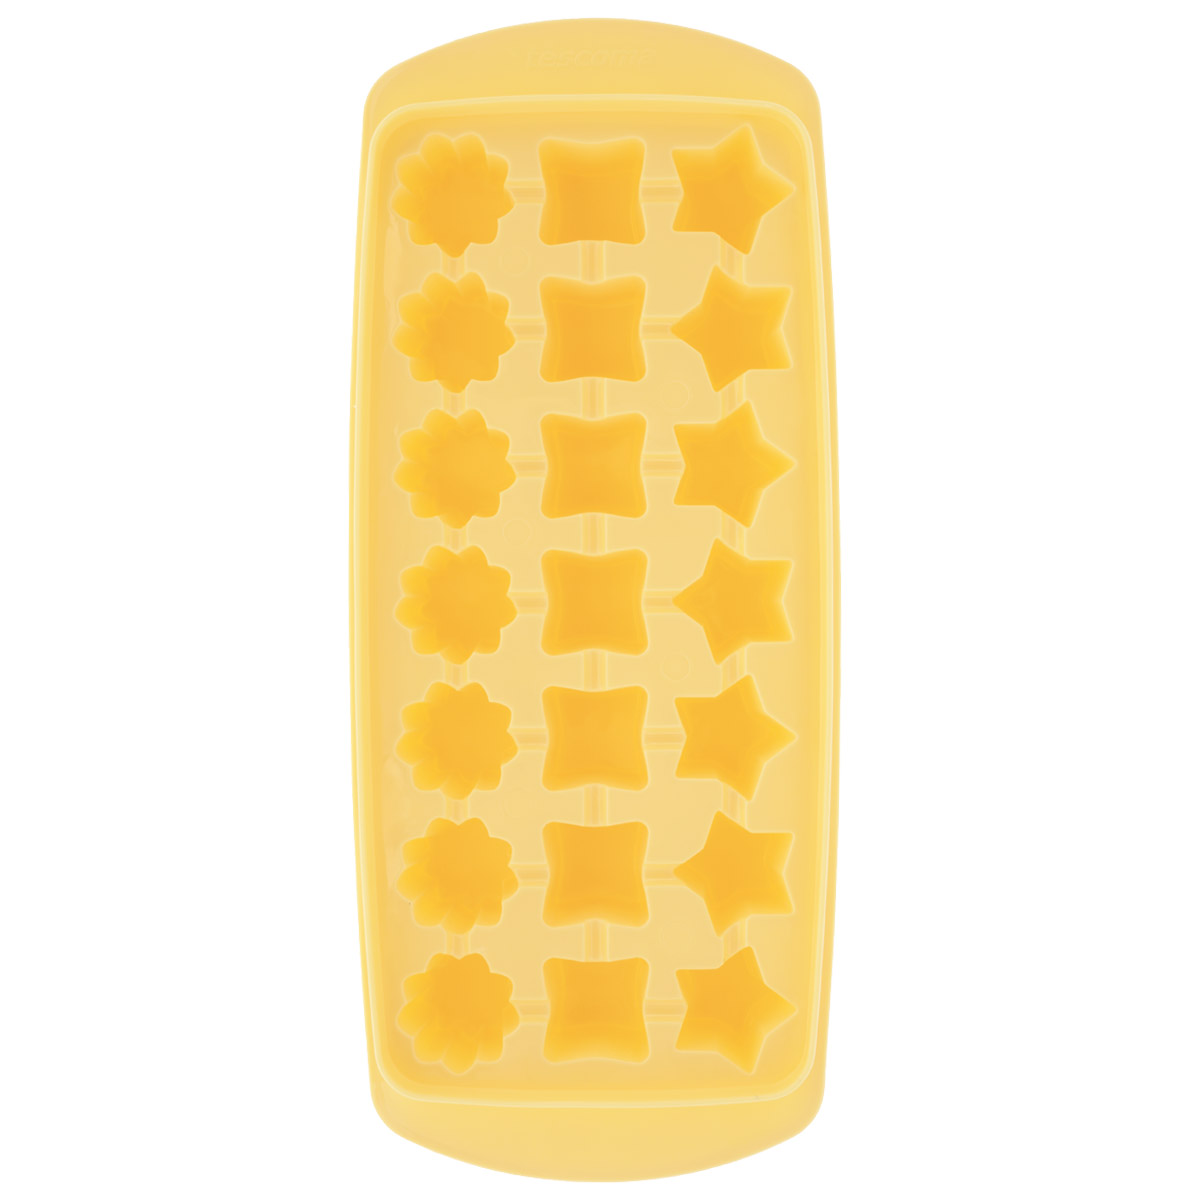 Форма для льда Tescoma Presto, цвет: желтый, 21 ячейкаFD 992Форма для льда Tescoma Presto выполнена из прочного пластика. За один раз вы можете приготовить 21 кубик льда в форме звездочки, квадратика или цветочка. Теперь на смену традиционным квадратным пришли новые оригинальные формы для приготовления фигурного льда, которыми можно не только охладить, но и украсить любой напиток. В формочки при заморозке воды можно помещать ягодки, такие льдинки не только оживят коктейль, но и добавят радостного настроения гостям на празднике!Общий размер формы: 27 см х 11,5 см х 3 см. Средний размер ячейки: 2,5 см х 2,5 см. Количество ячеек: 21 шт.